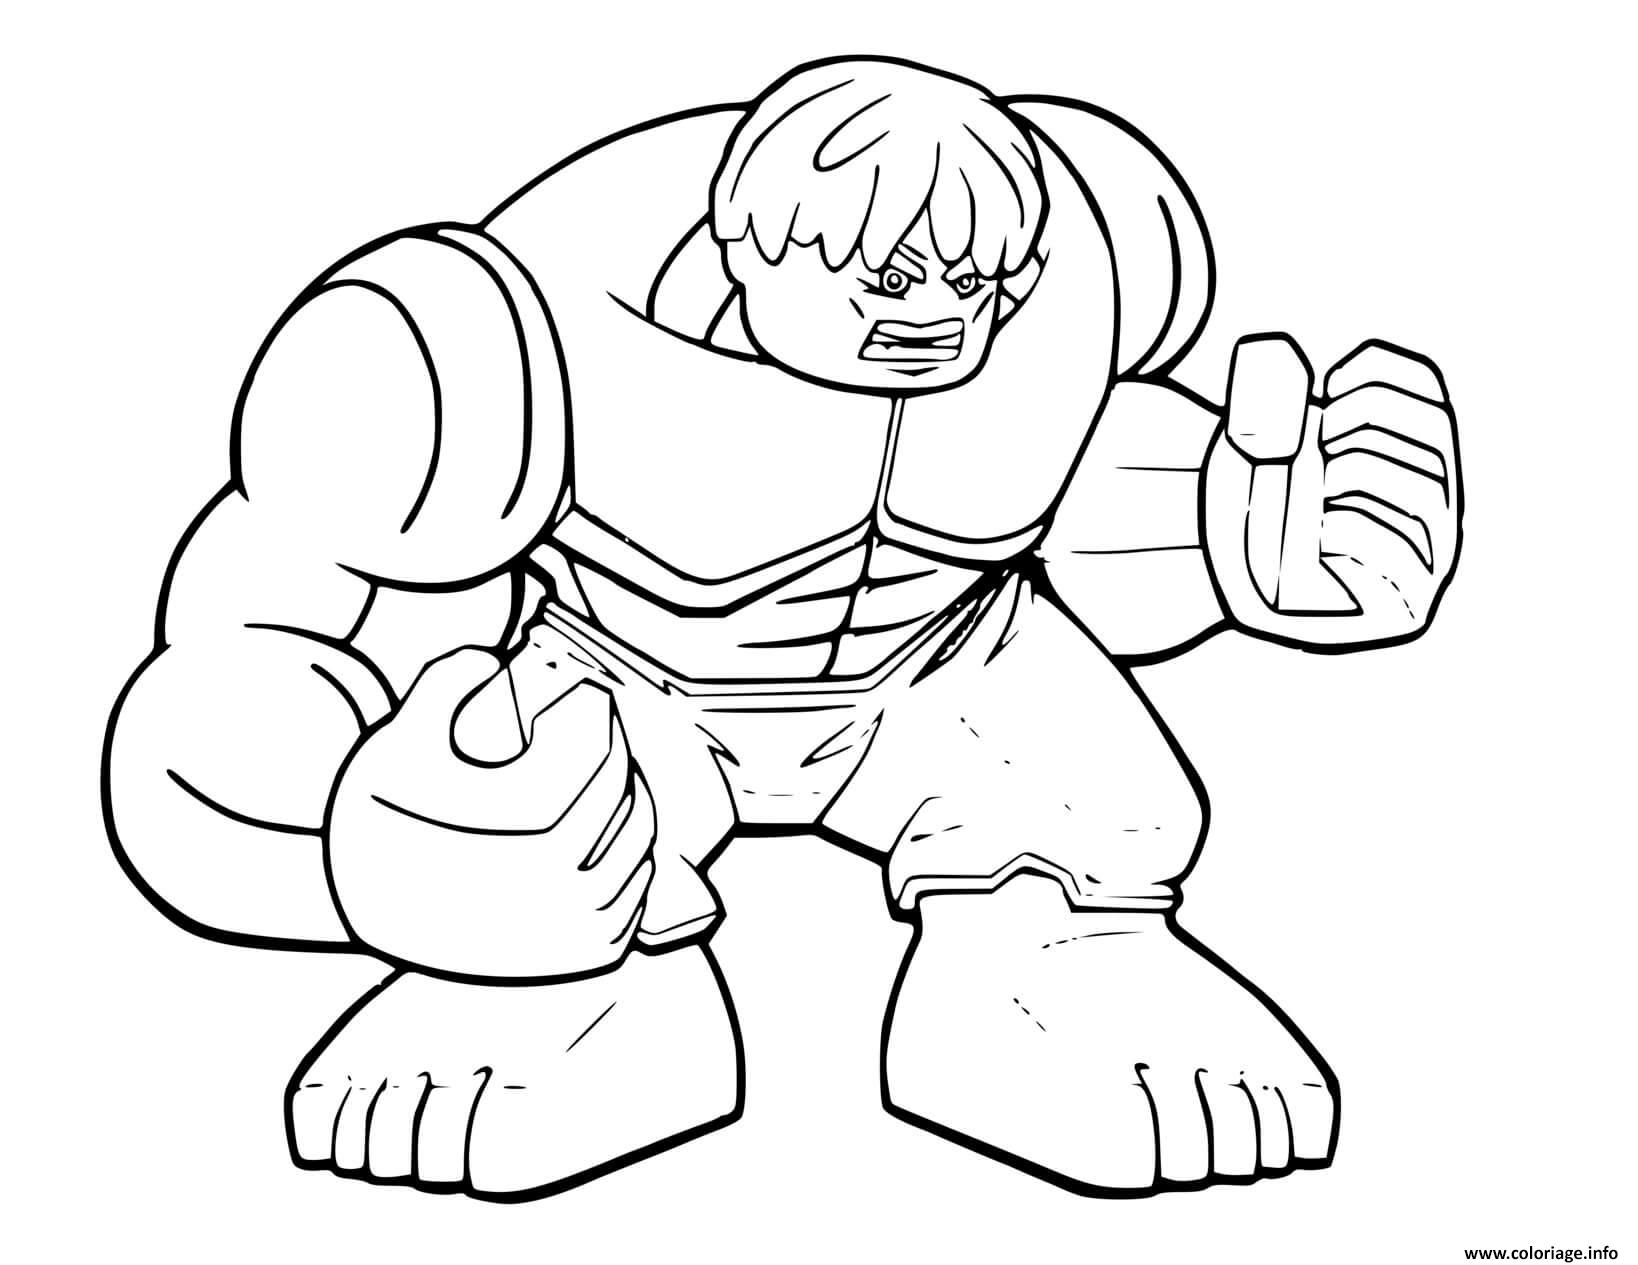 Dessin lego hulk avengers Coloriage Gratuit à Imprimer